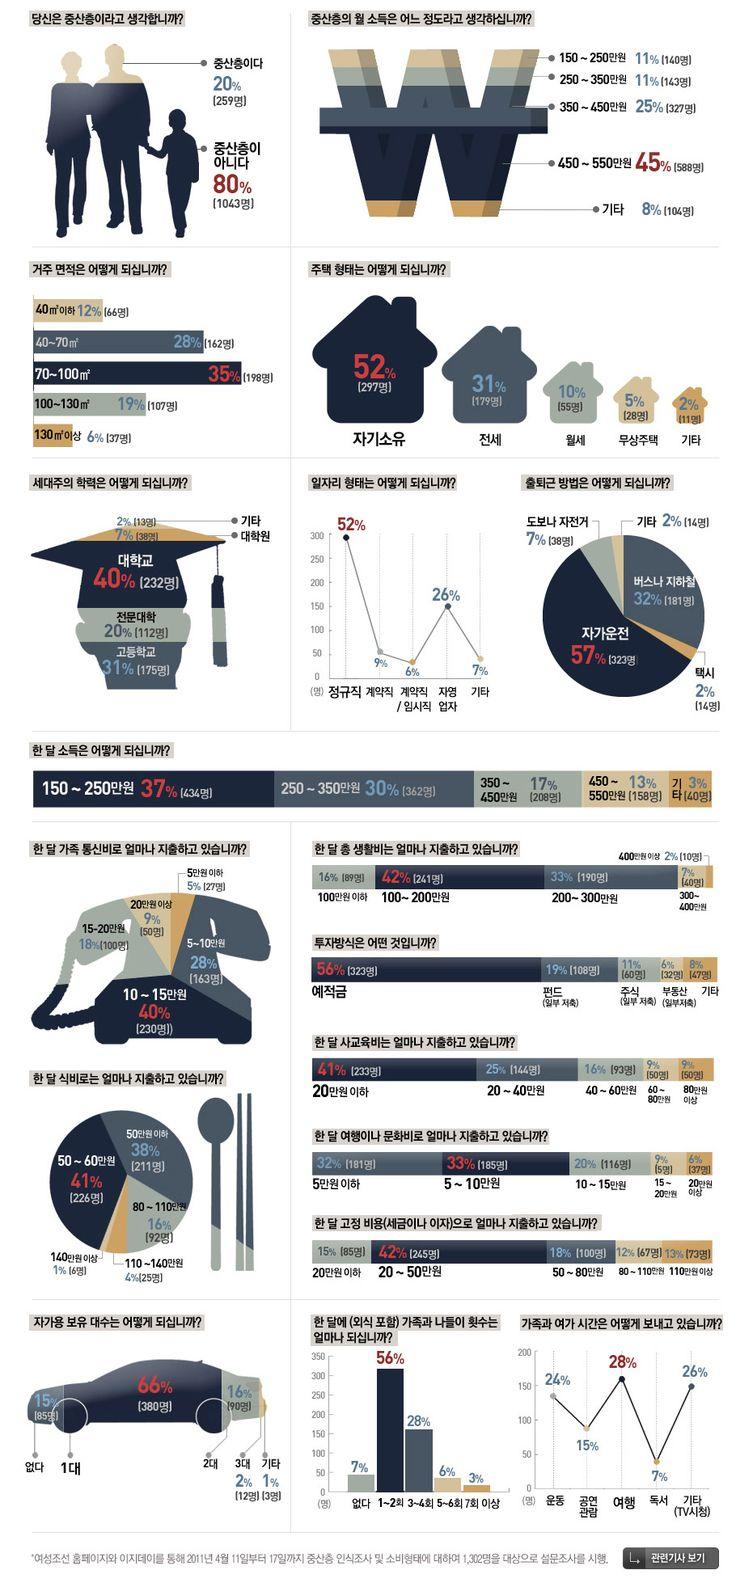 2011년 중산층 라이프스타일 보고서 - 조선닷컴 인포그래픽스